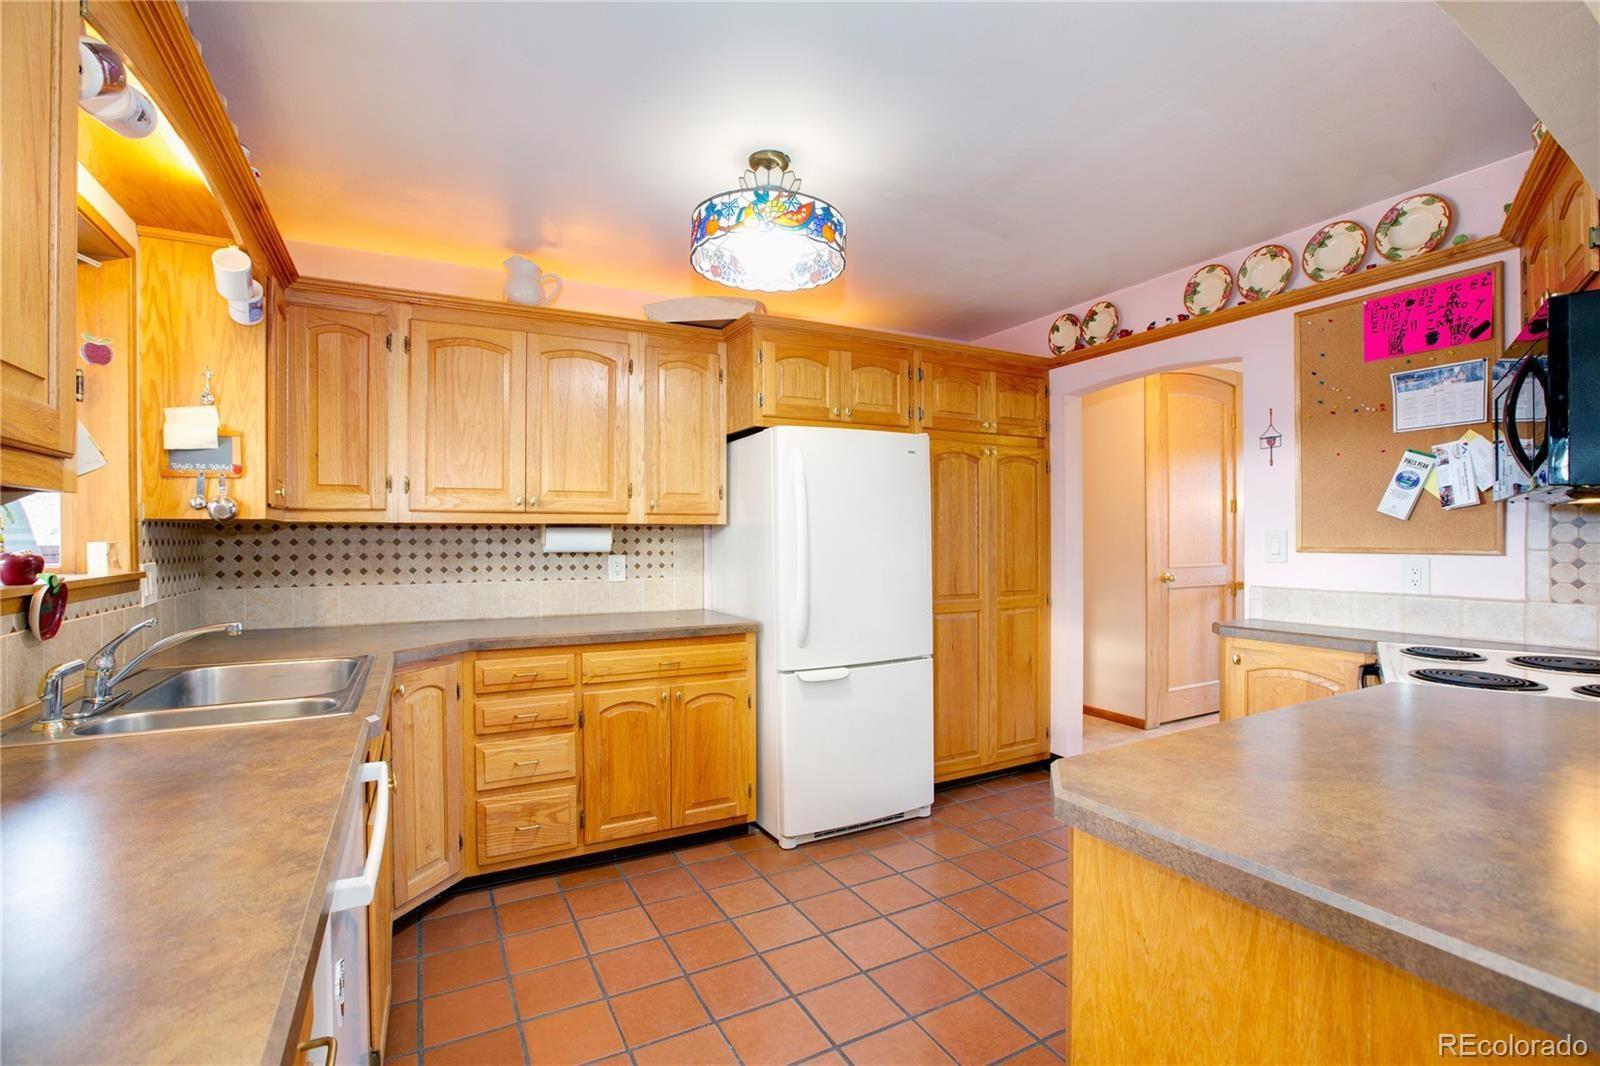 MLS# 4563423 - 10 - 3425 S Pierce Street, Lakewood, CO 80227